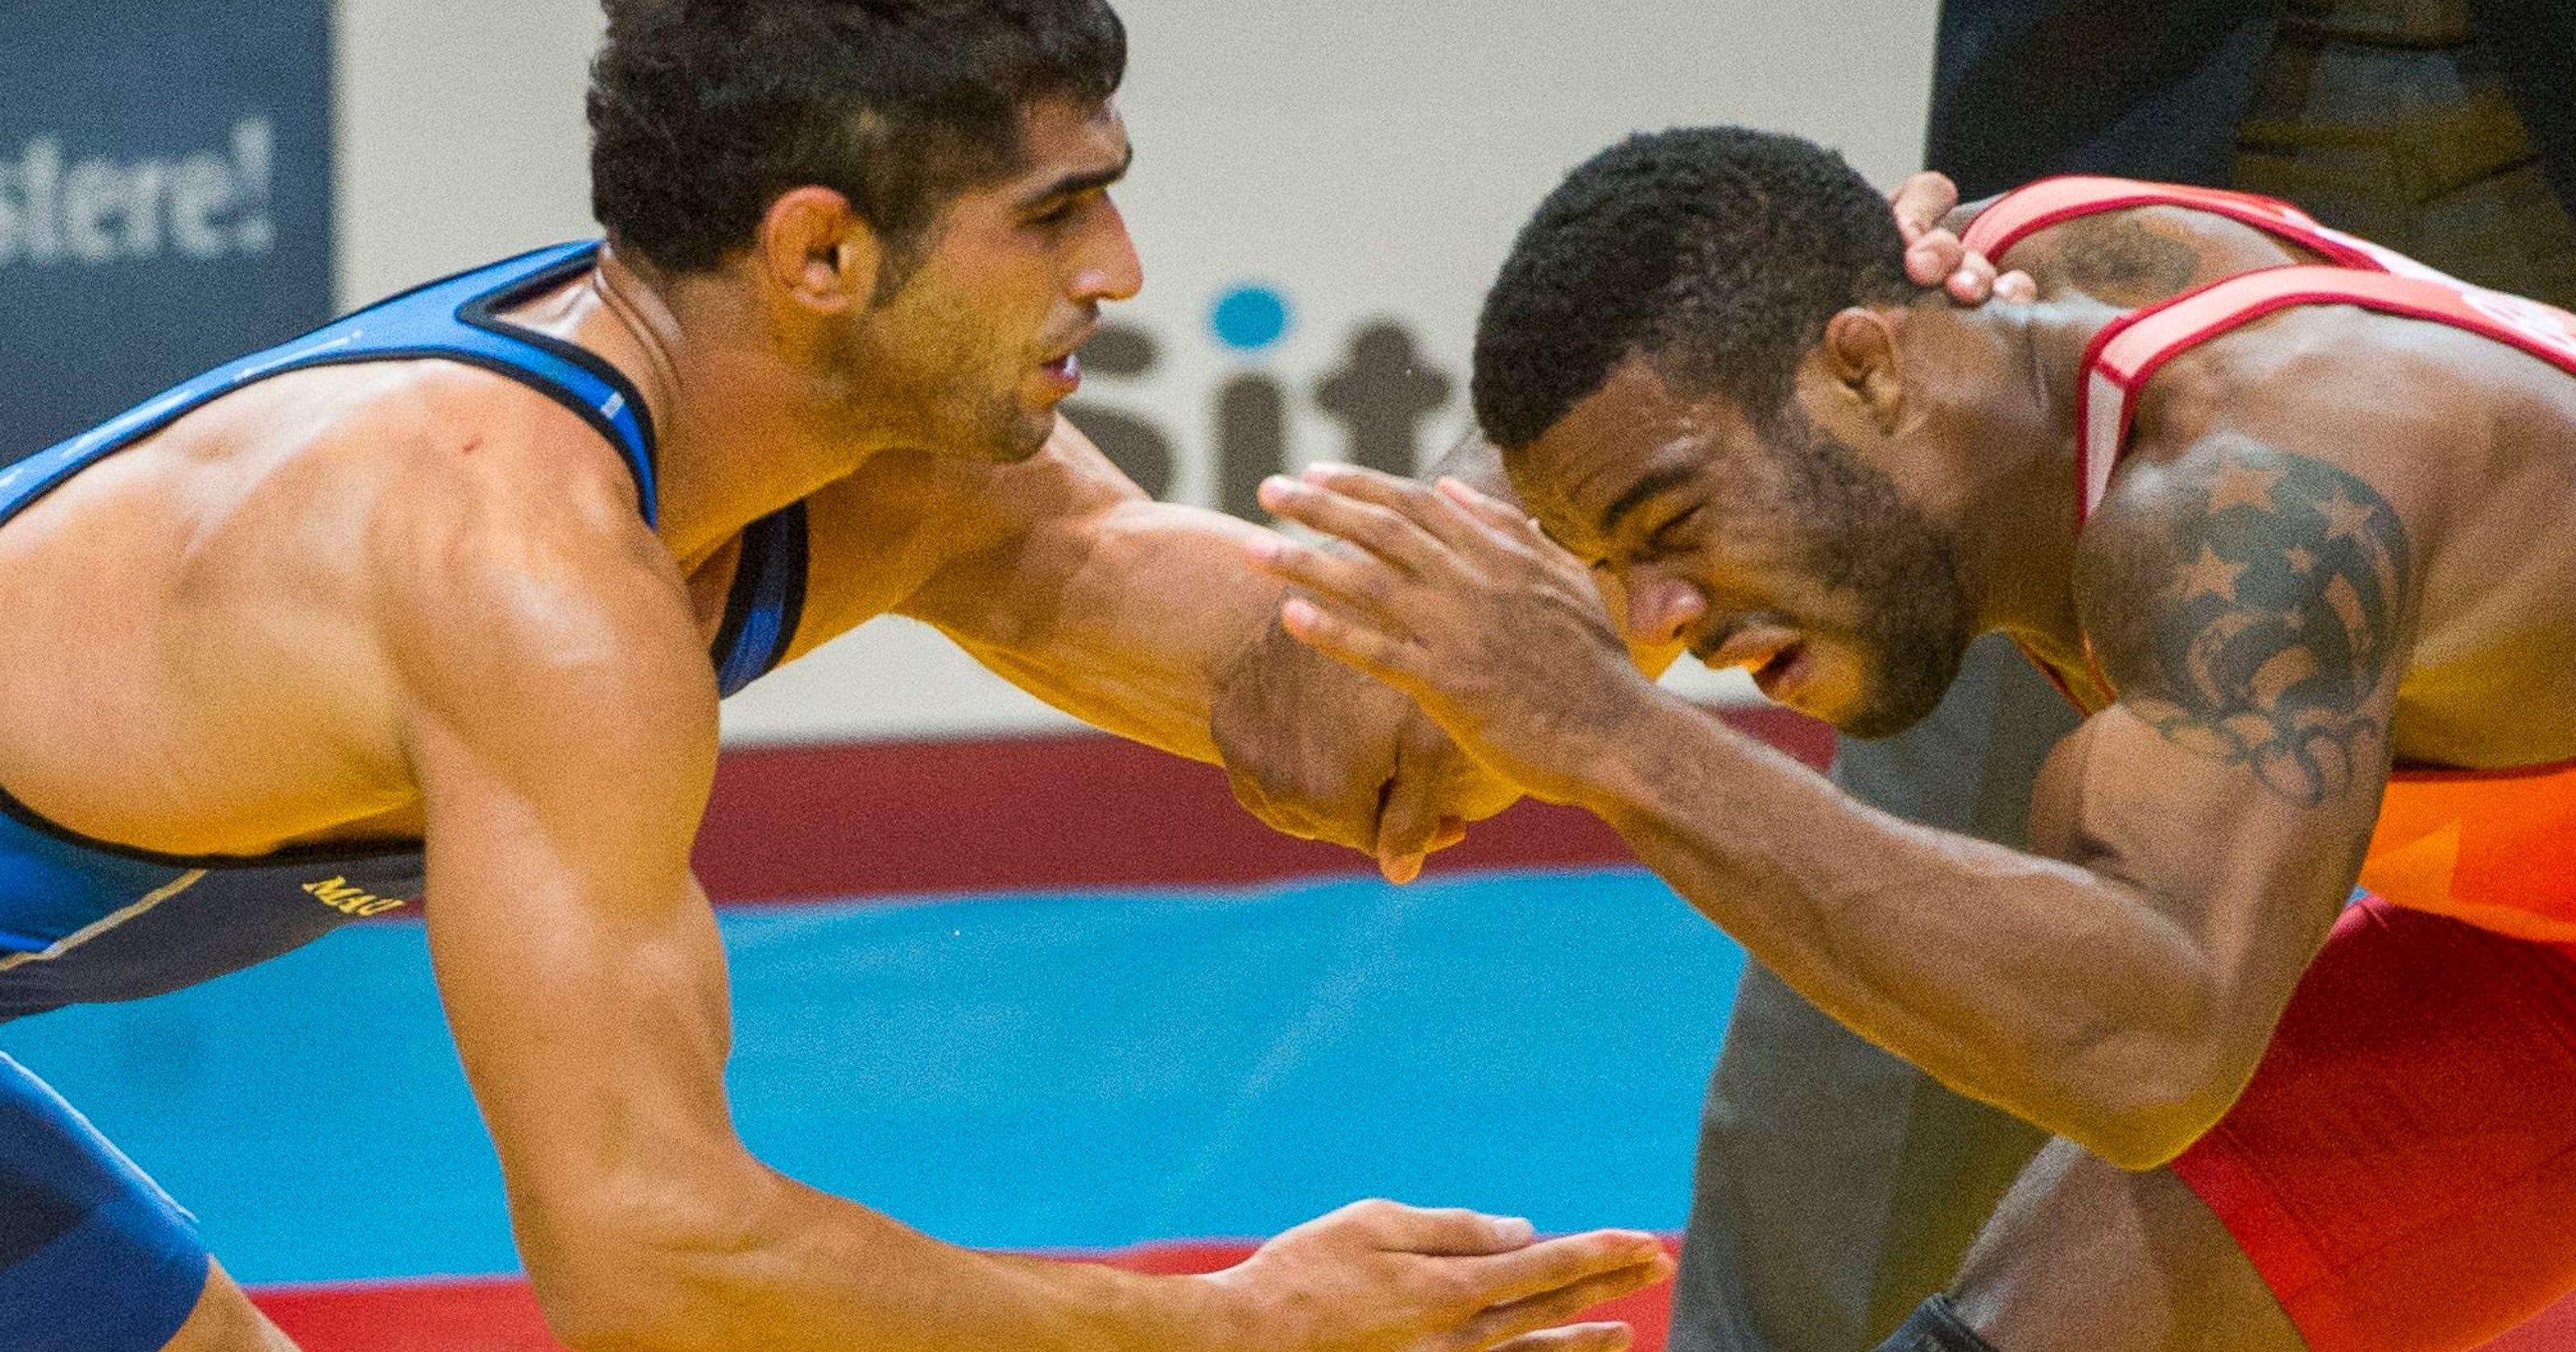 a11d83b4616aa5 USA s Jordan Burroughs wins 2nd world wrestling title